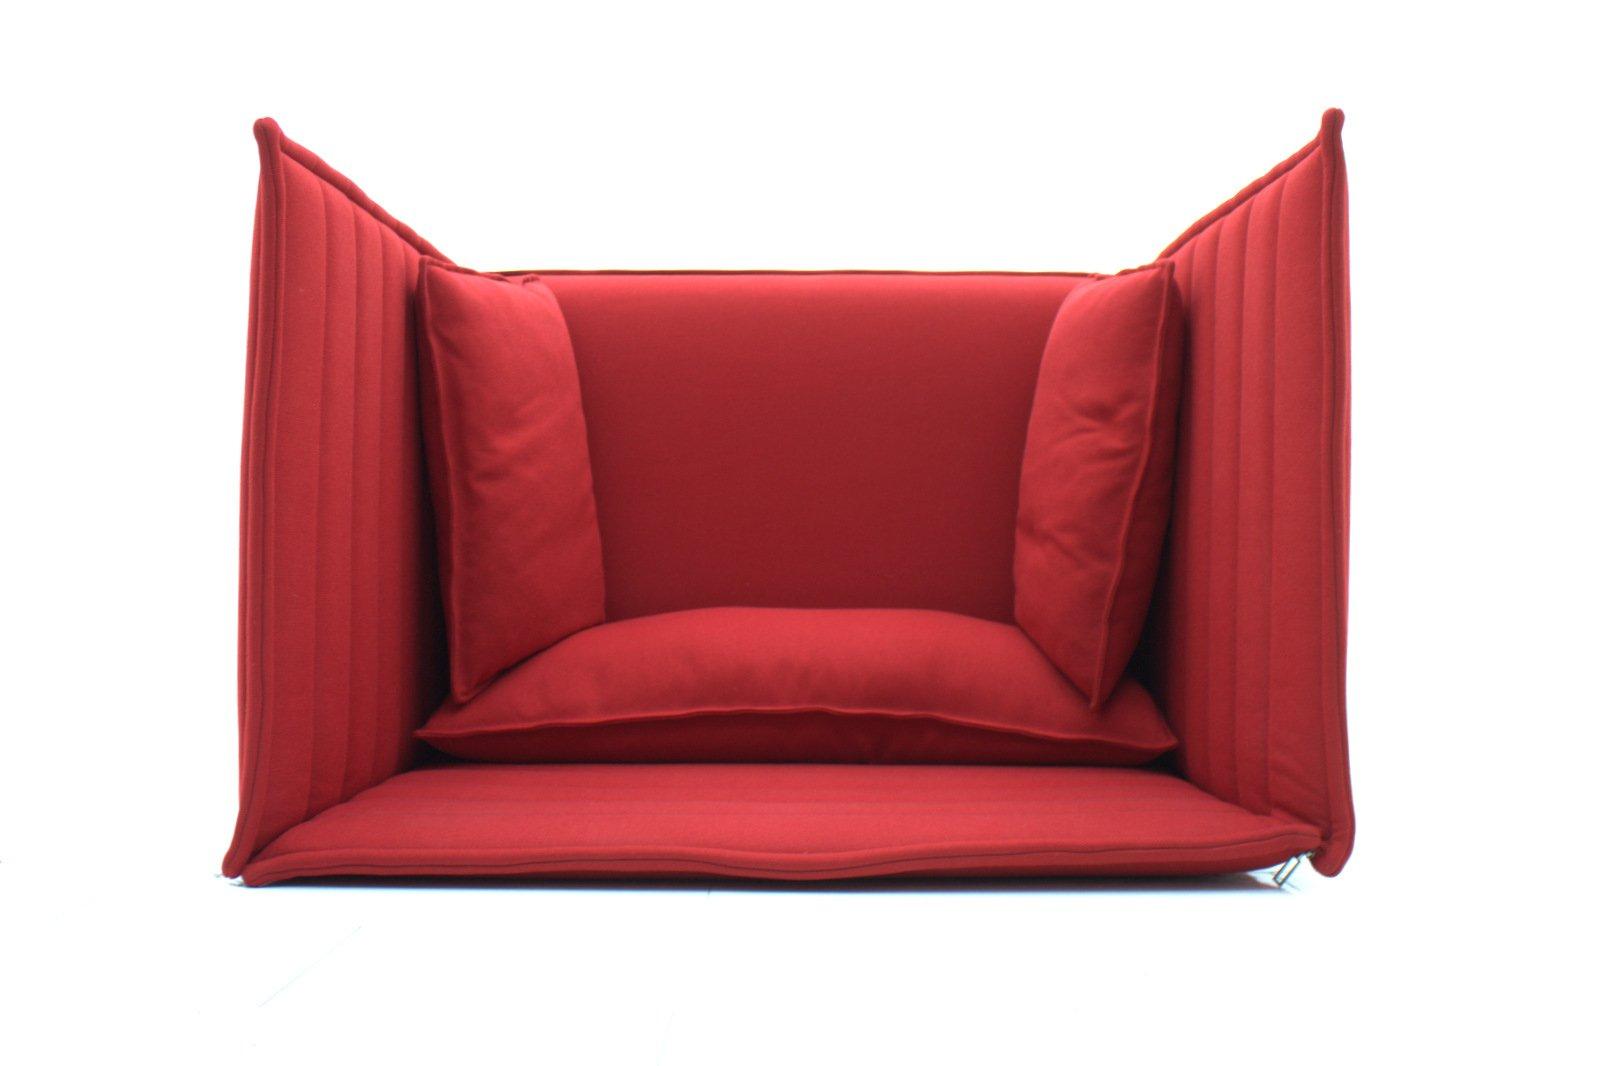 2 sitzer sofa mit hoher lehne von ronan erwan bouroullec f r vitra 2006 bei pamono kaufen. Black Bedroom Furniture Sets. Home Design Ideas